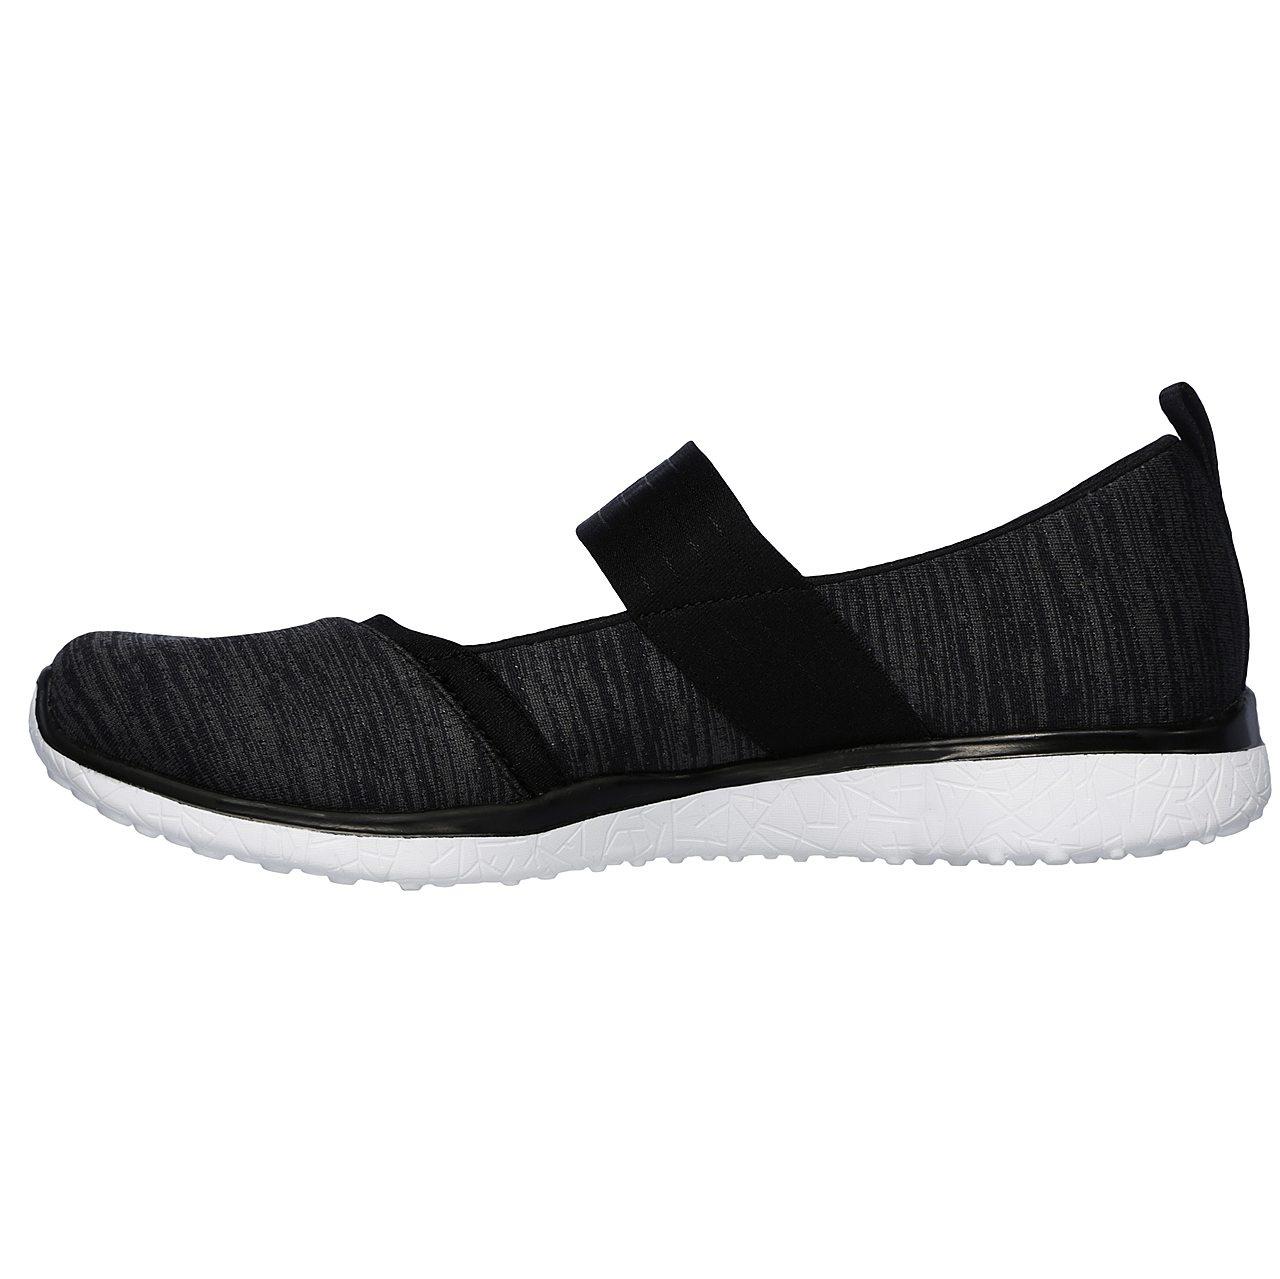 کفش مخصوص پیاده روی زنانه اسکچرز مدل  MIRACLE 23575 BKW